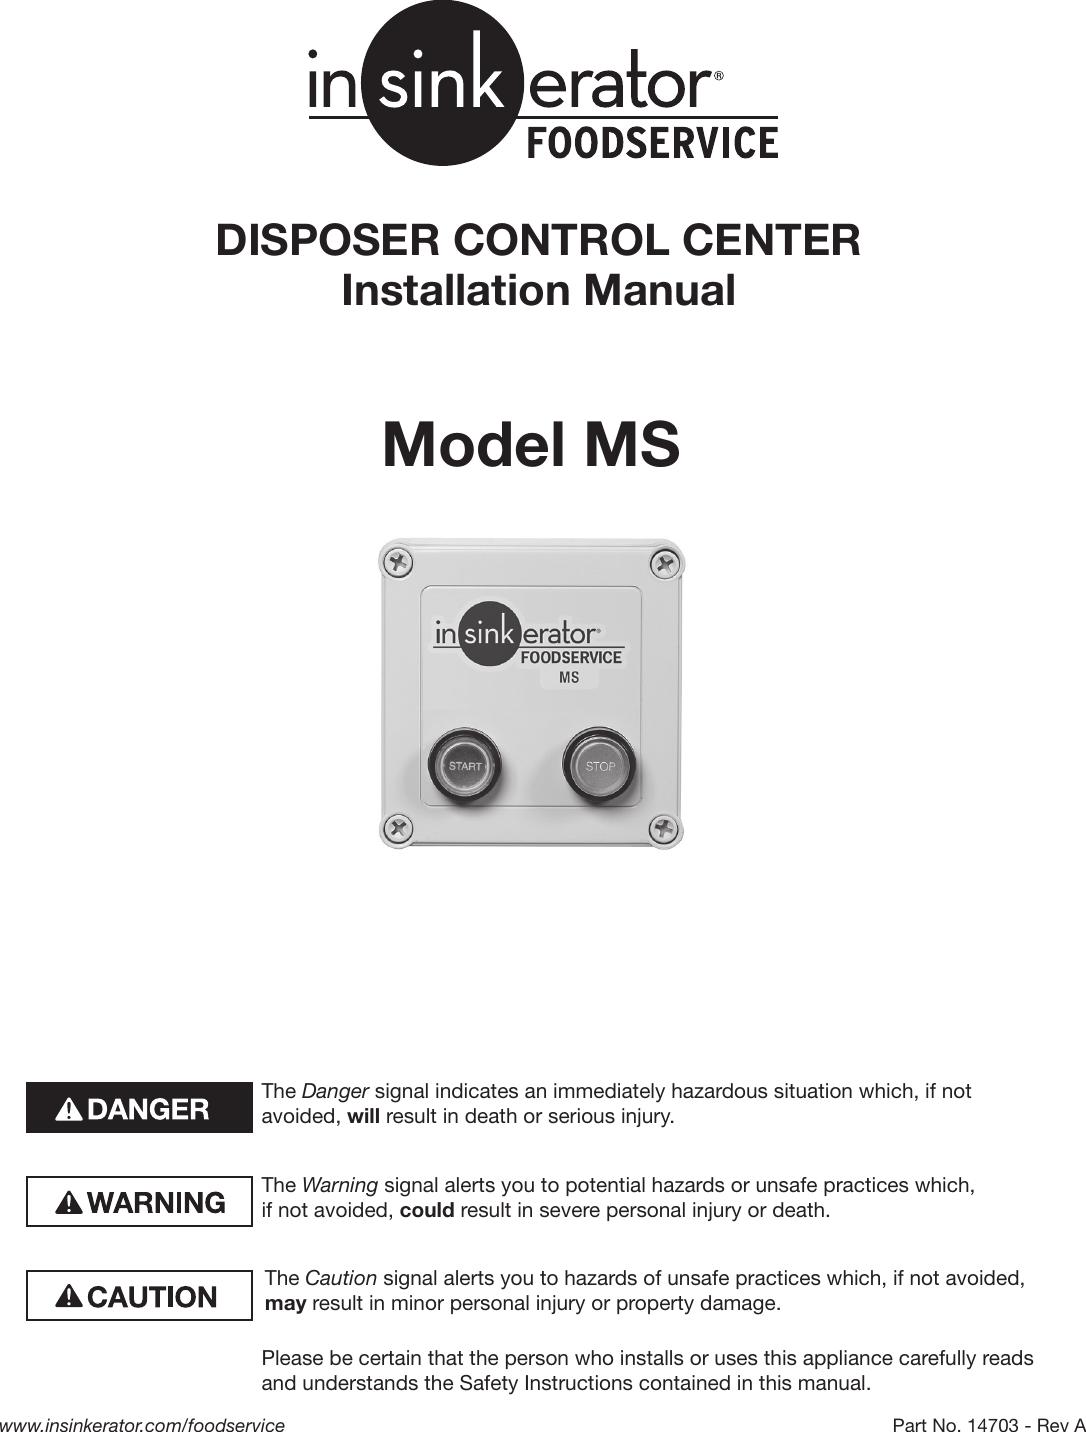 Insinkerator Ms Users Manual MS_ICU_